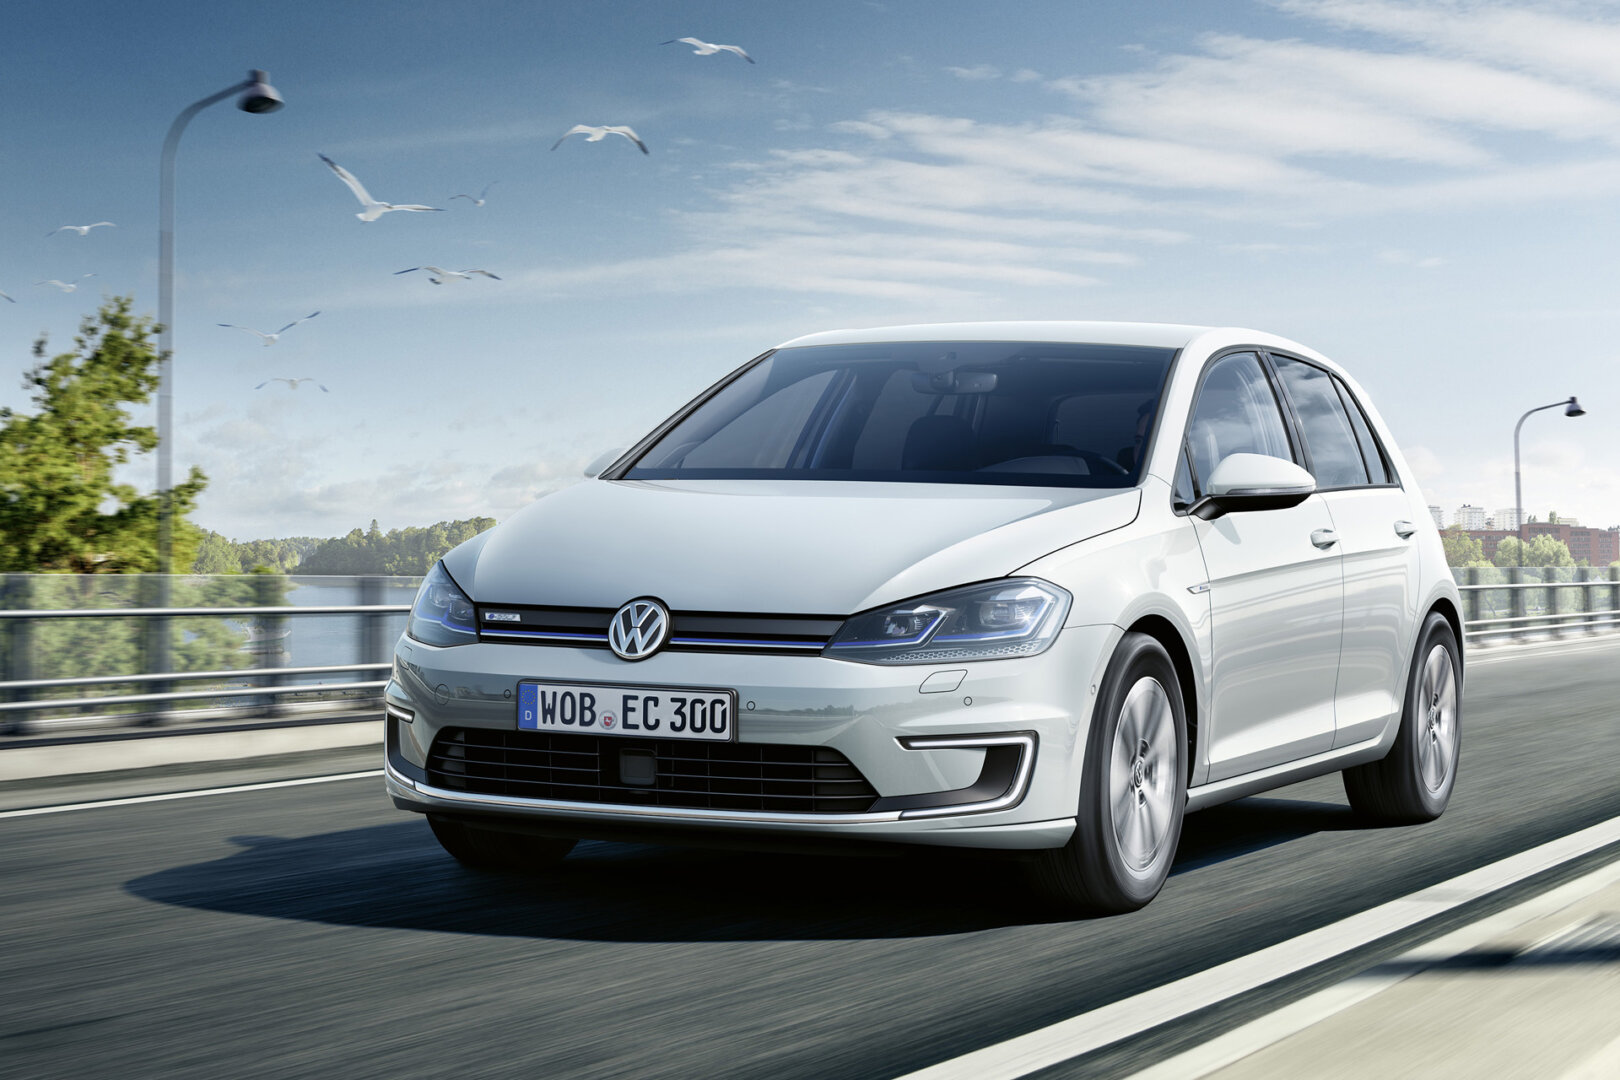 VW e-Golf, Gewinner des ADAC Ecotest, fährt über die Straße.